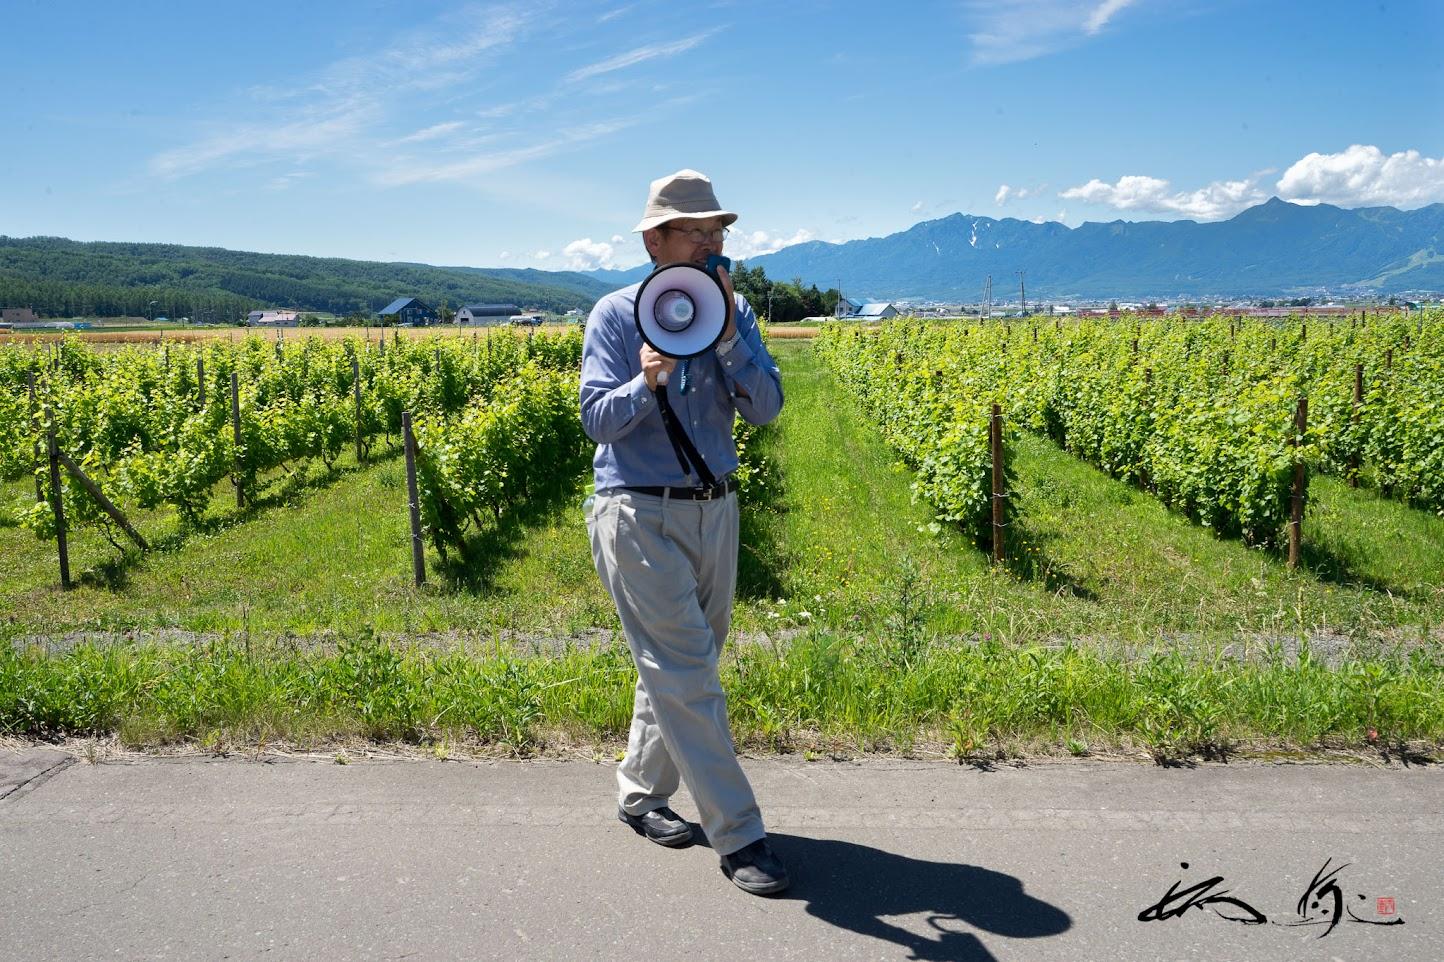 農園主である 多田 耕太郎さんのよるぶどう農園見学